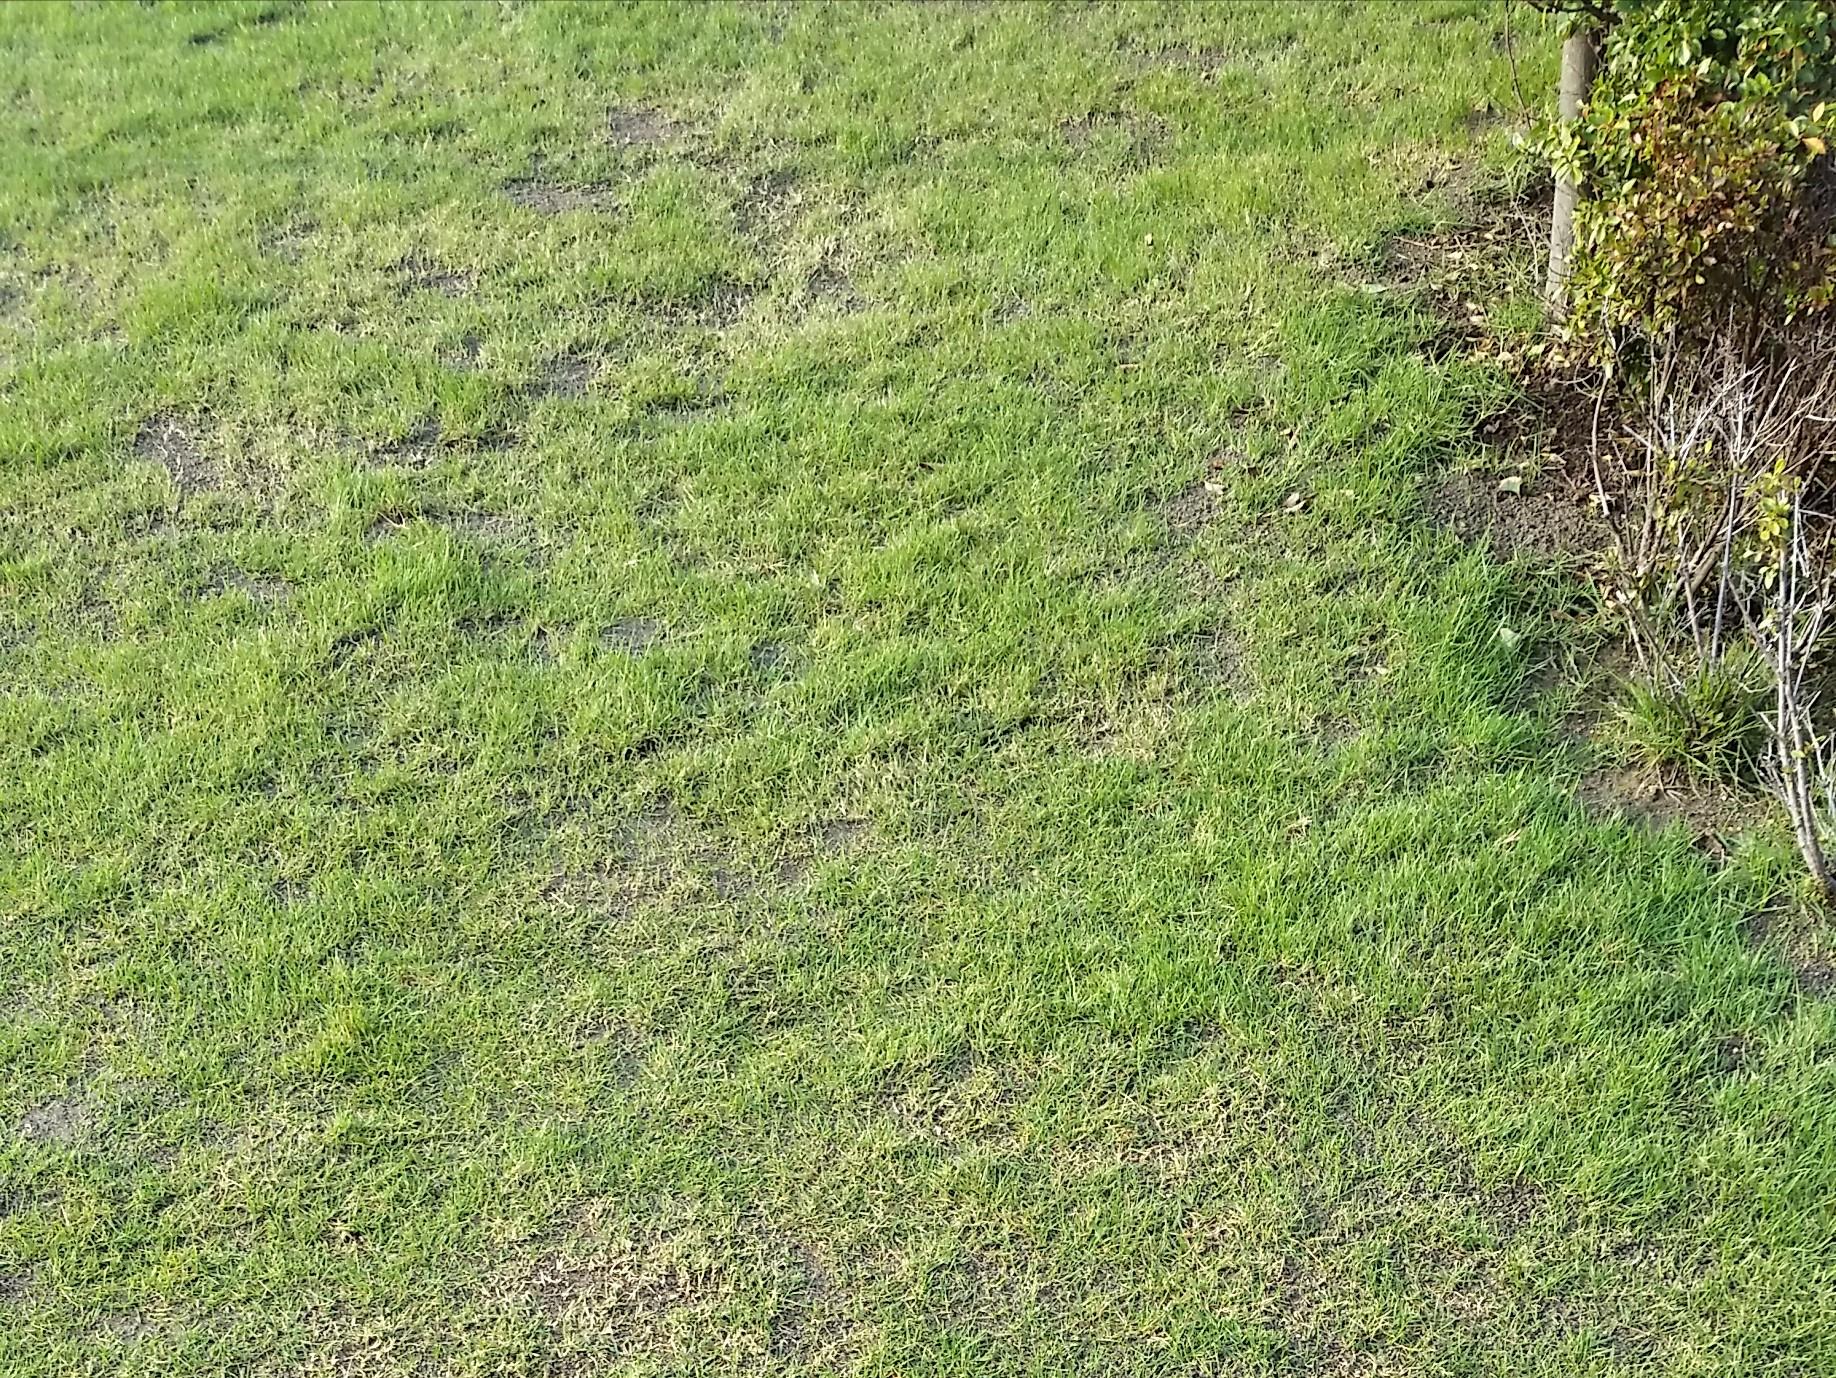 荒れた芝生の悩みから抜け出す思考法😃✨